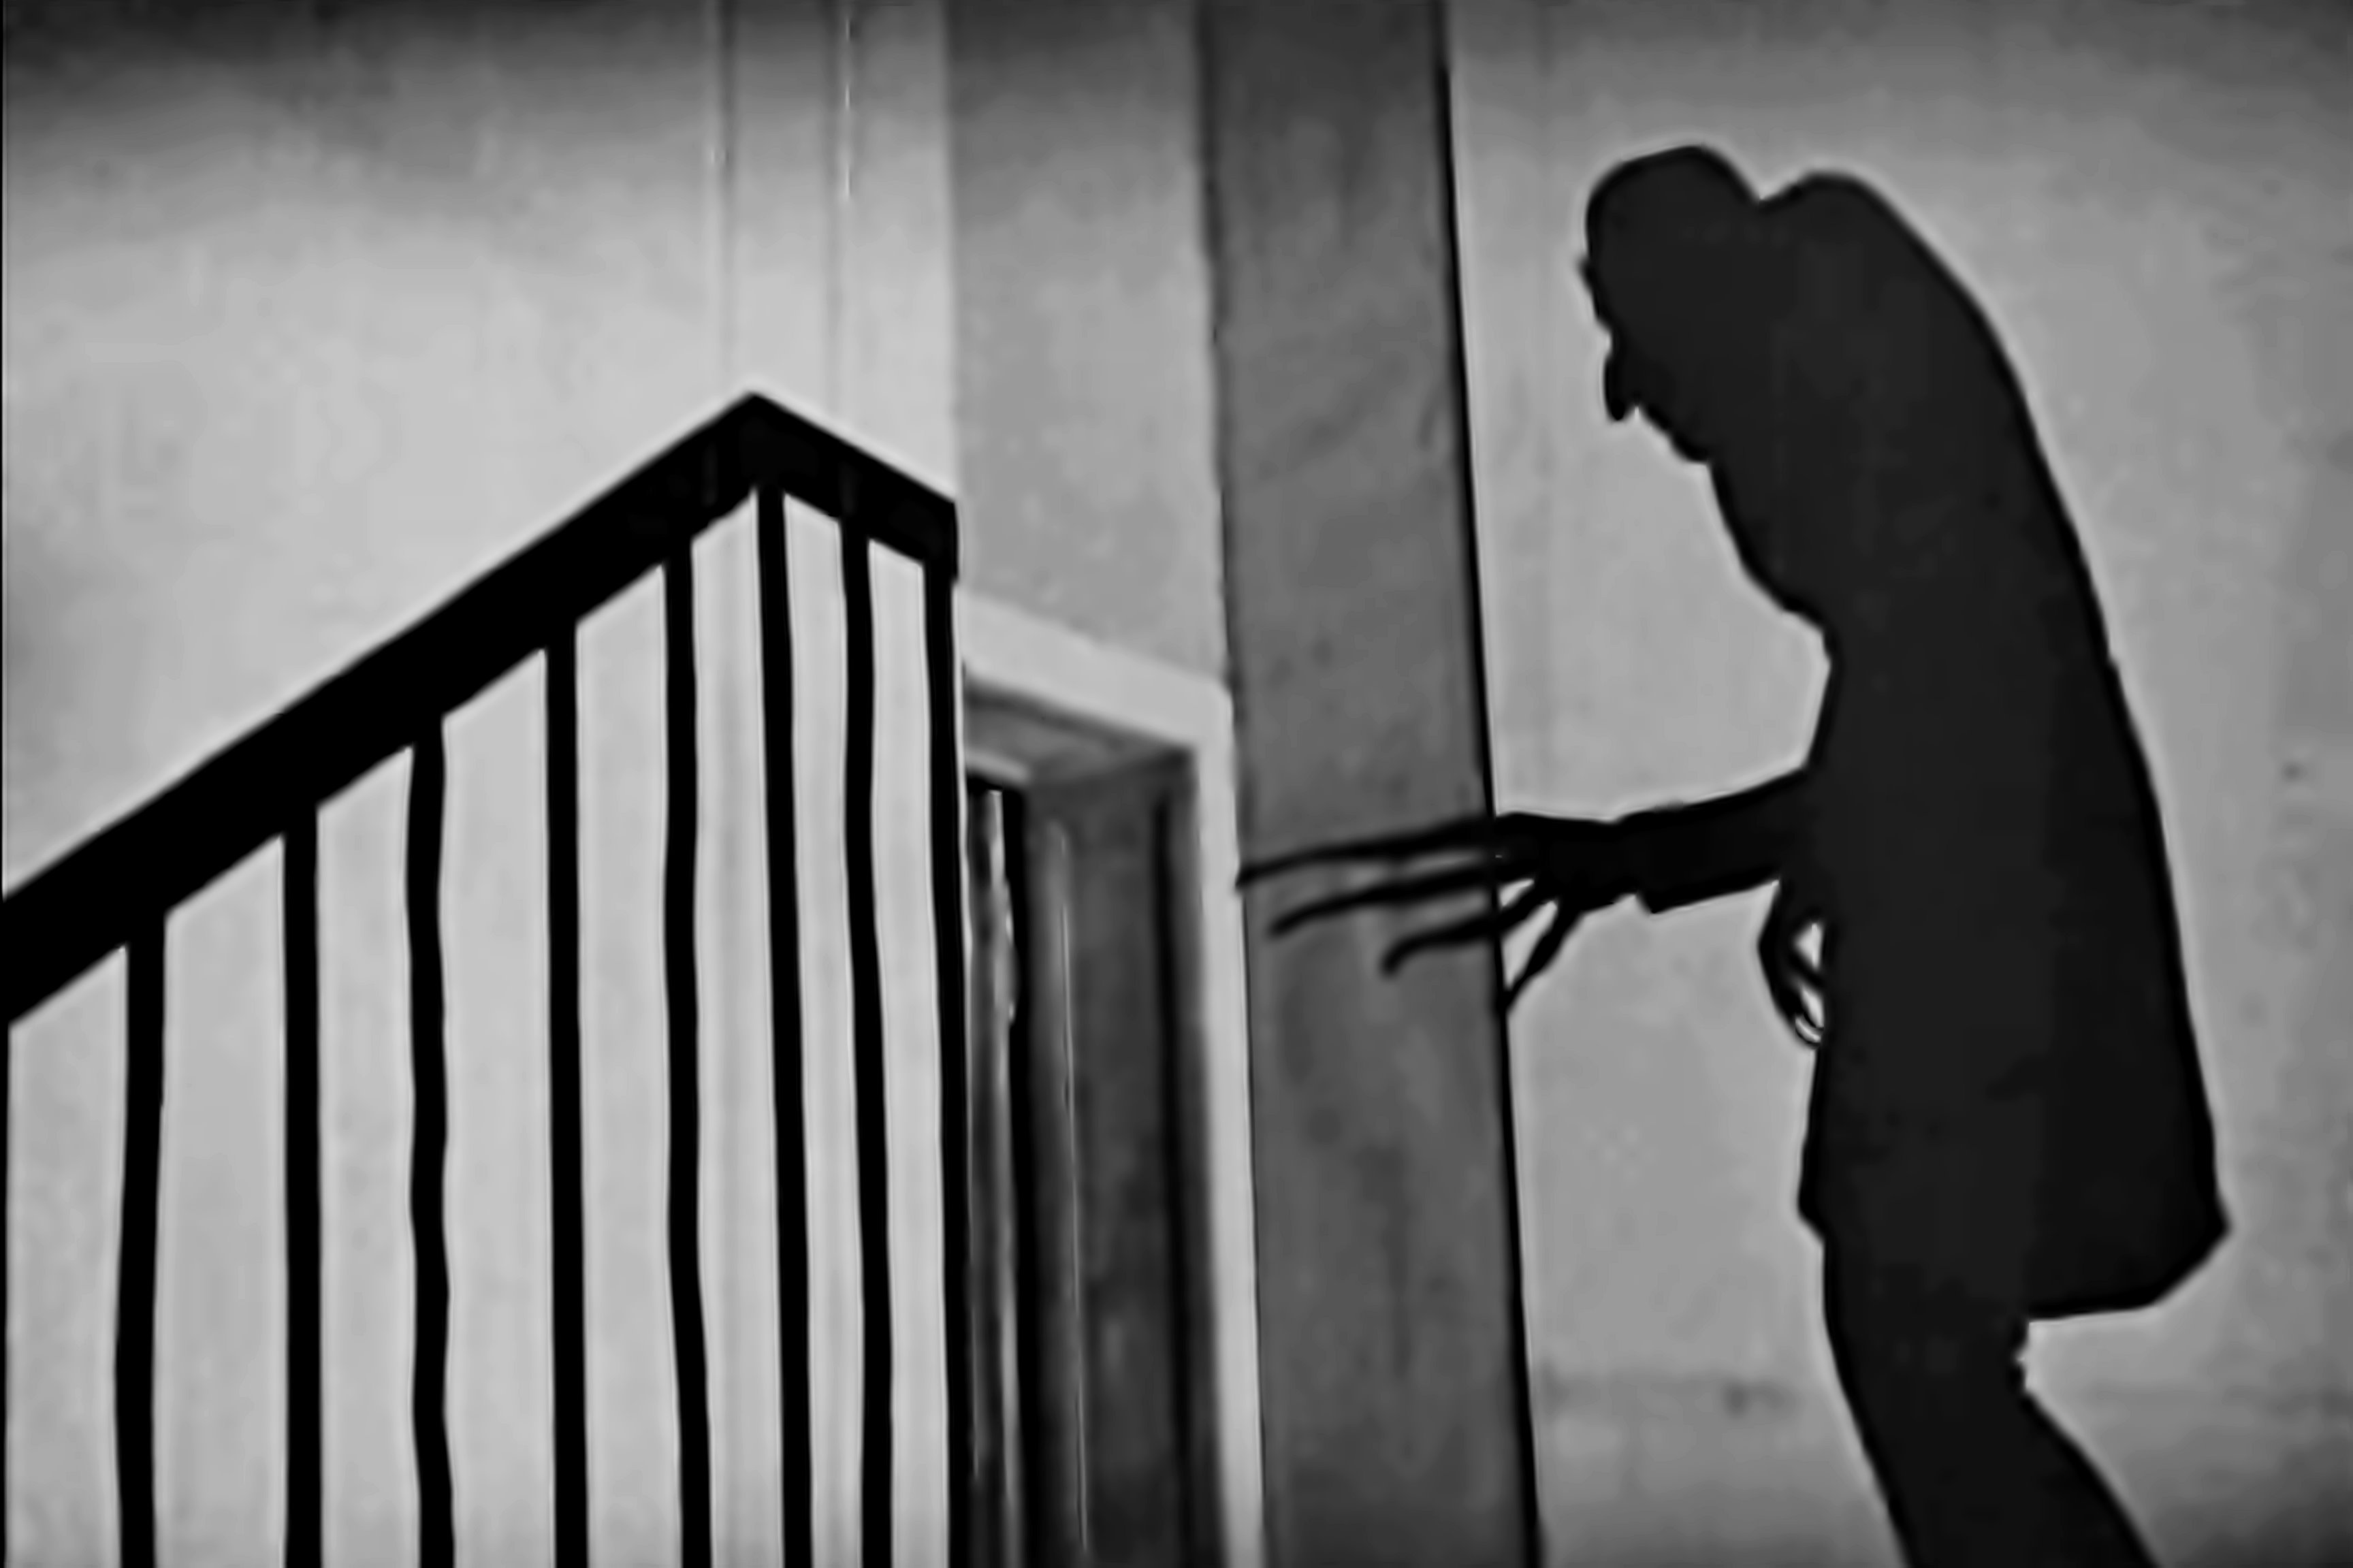 nosferatu 6 - Nosferatu abre el ciclo de cine de terror en el Complejo del Águila con música en directo